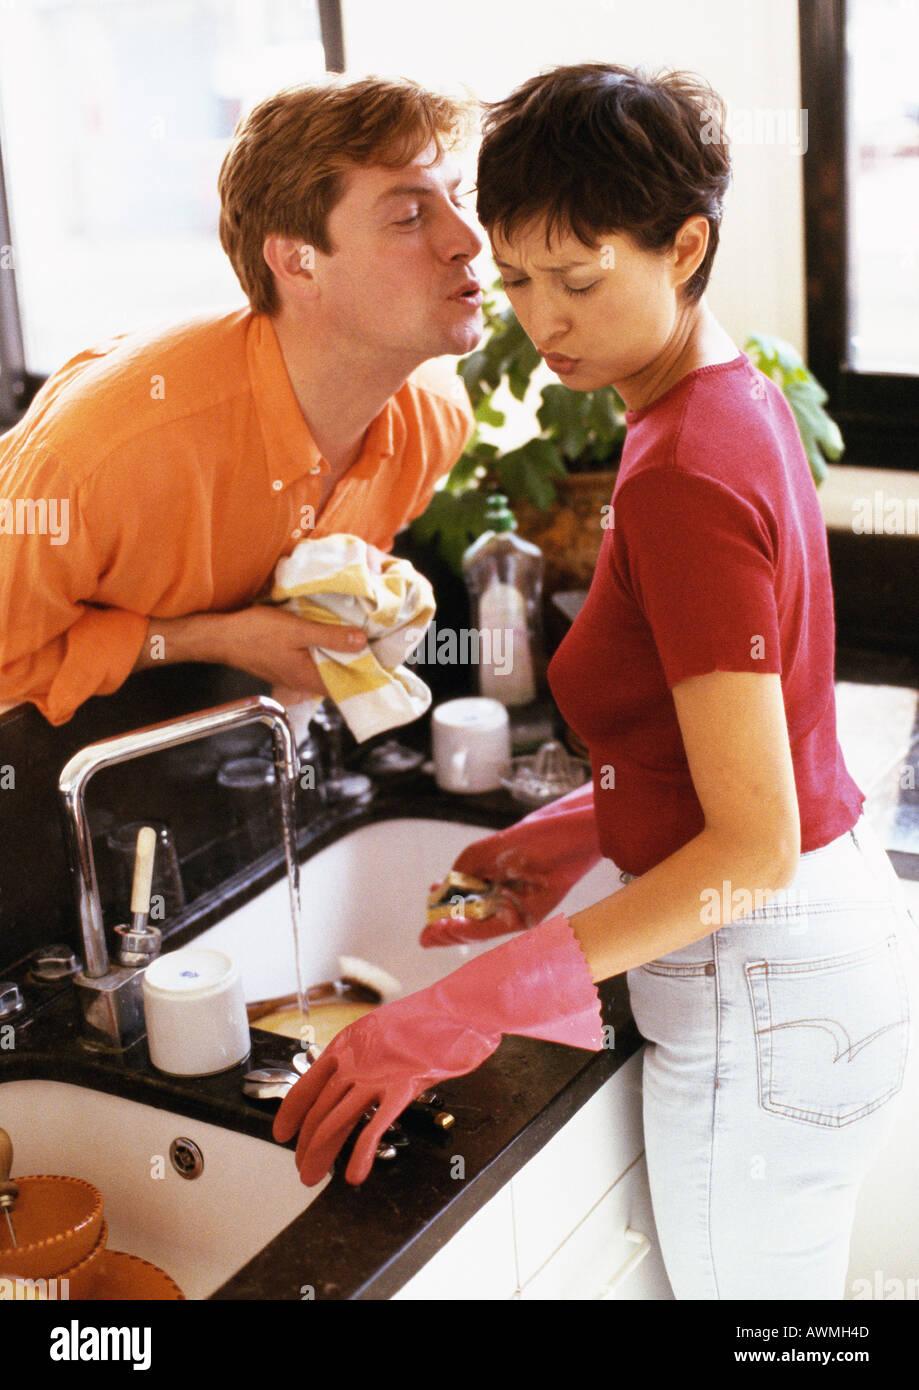 Woman washing dishes, penché au-dessus de l'homme à l'encontre de l'embrasser Banque D'Images